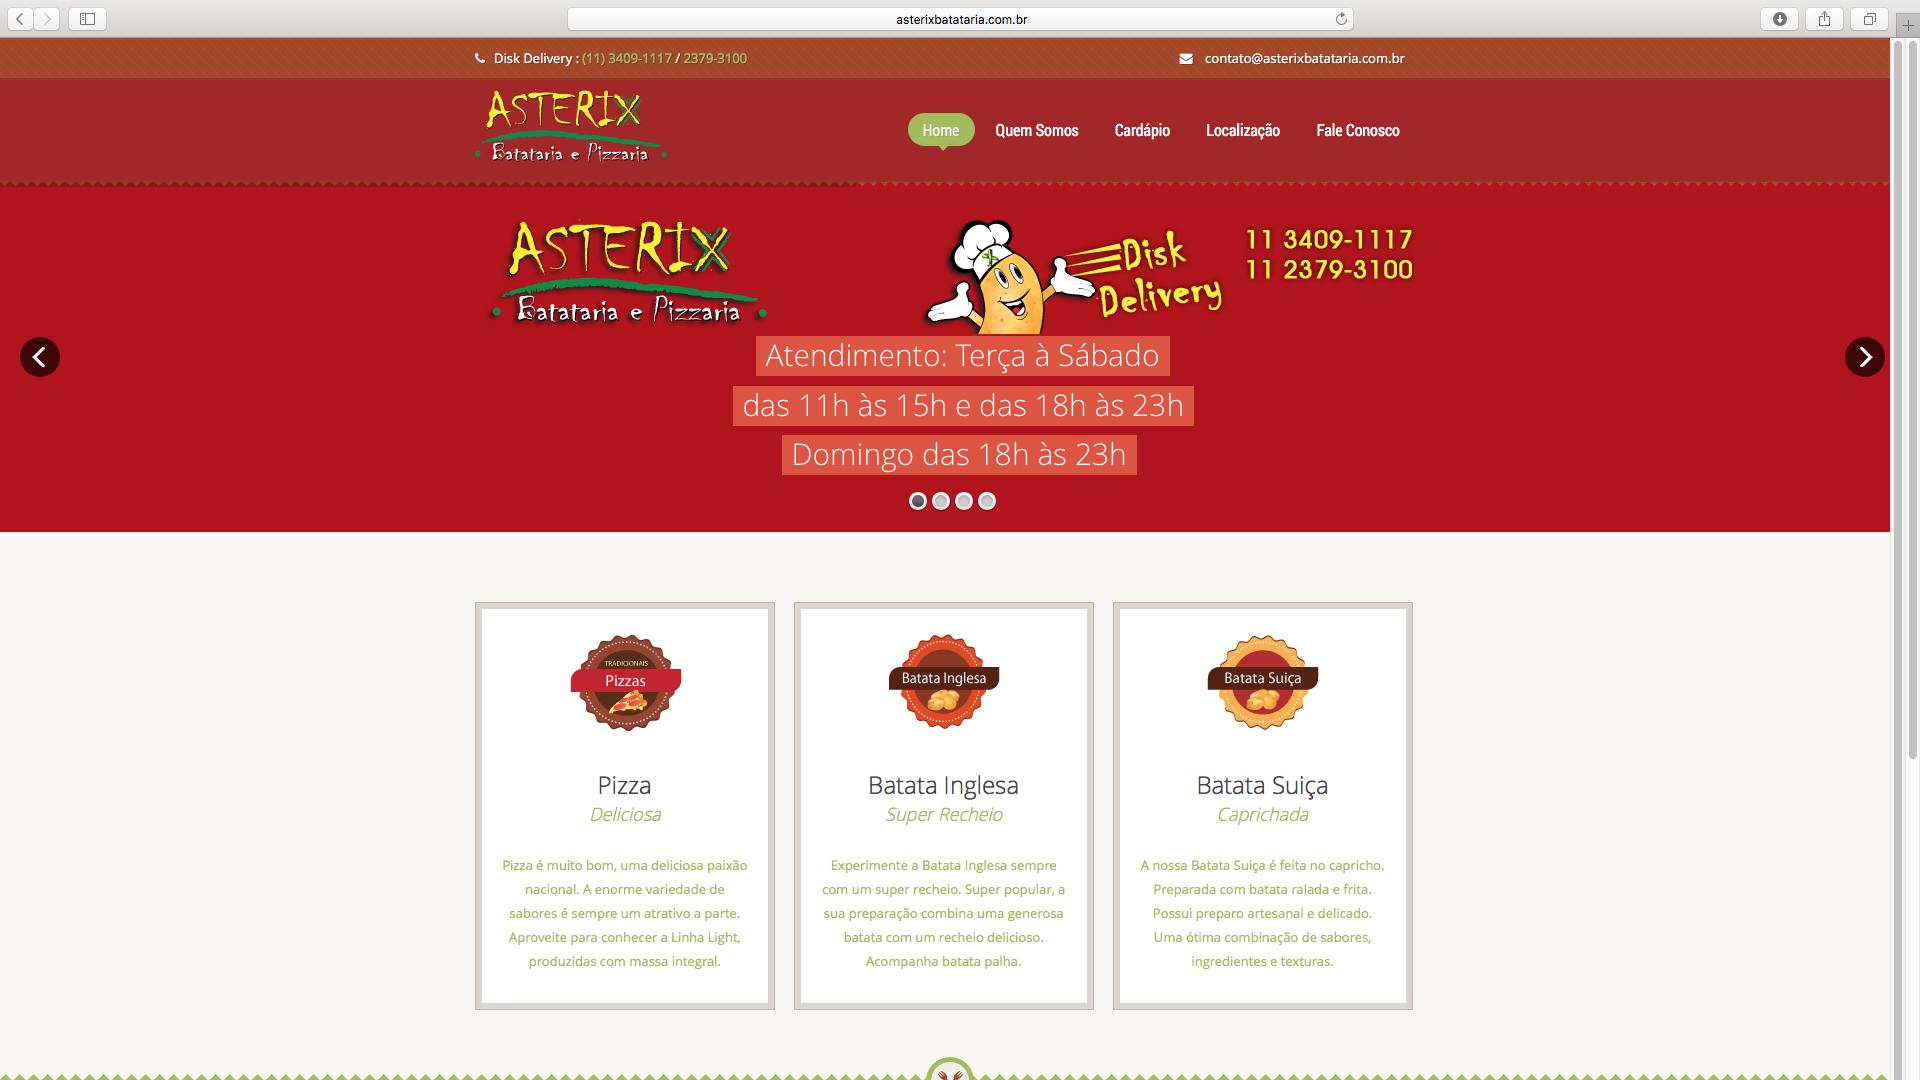 Asterix Batataria e Pizzaria